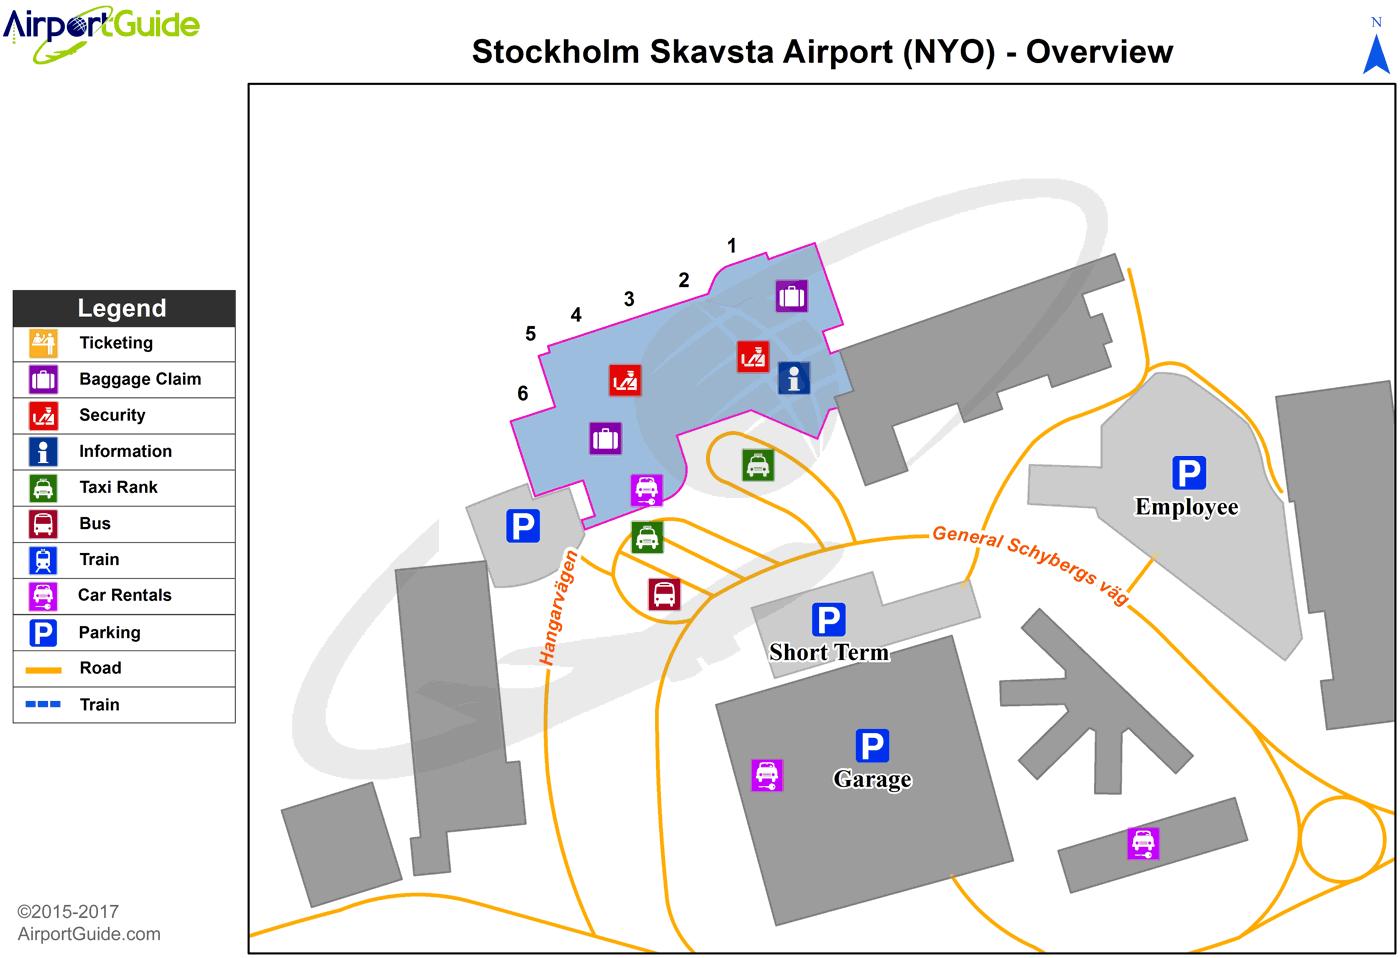 Hotel Aeroport Stockholm Skavsta